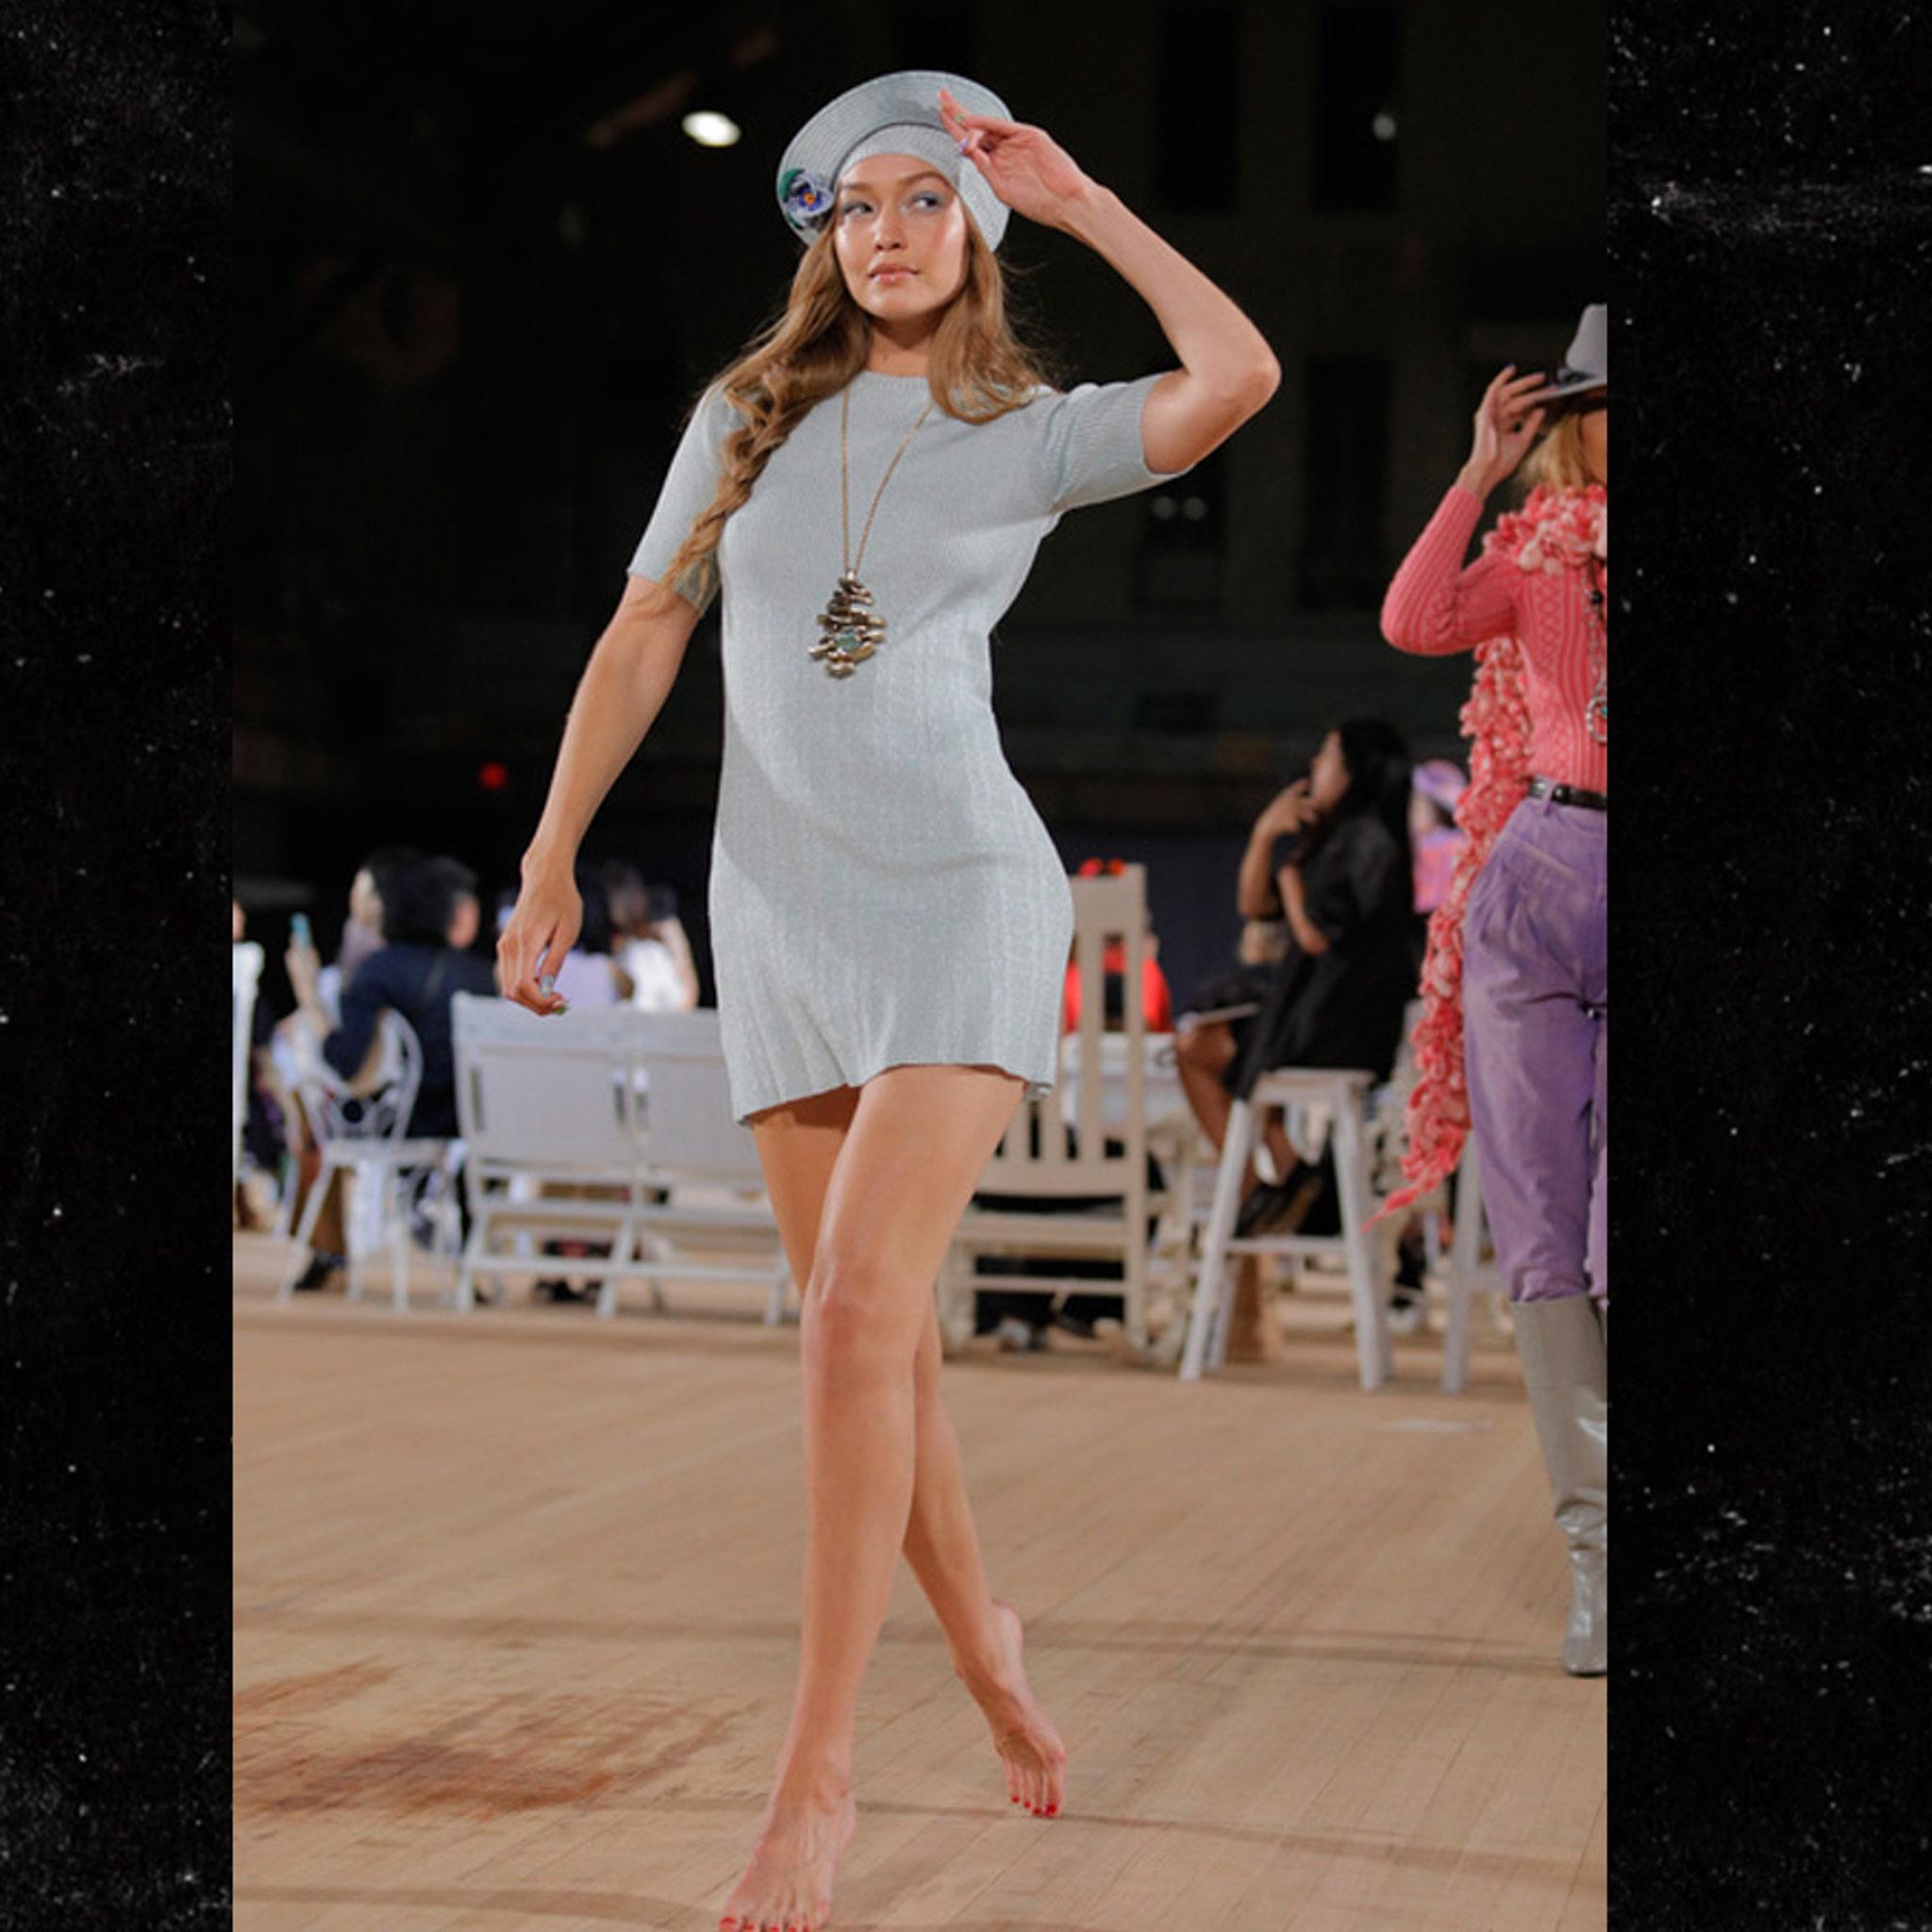 Gigi Hadid Walks Runway Barefoot After Wardrobe Malfunction